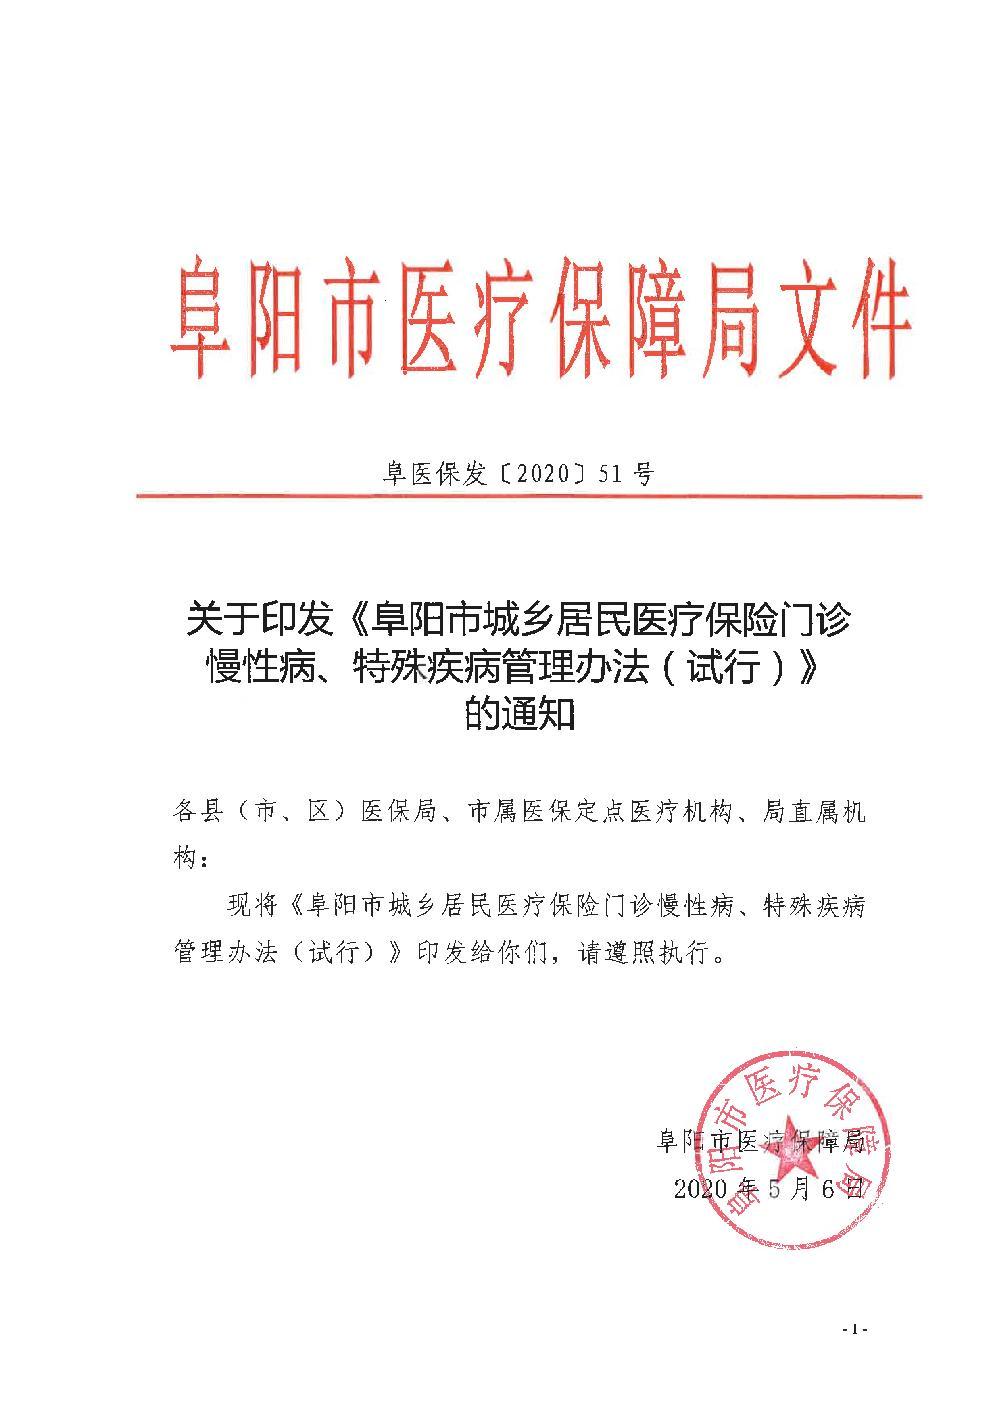 阜阳市城乡居民慢性病管理办法(1)_1.JPG